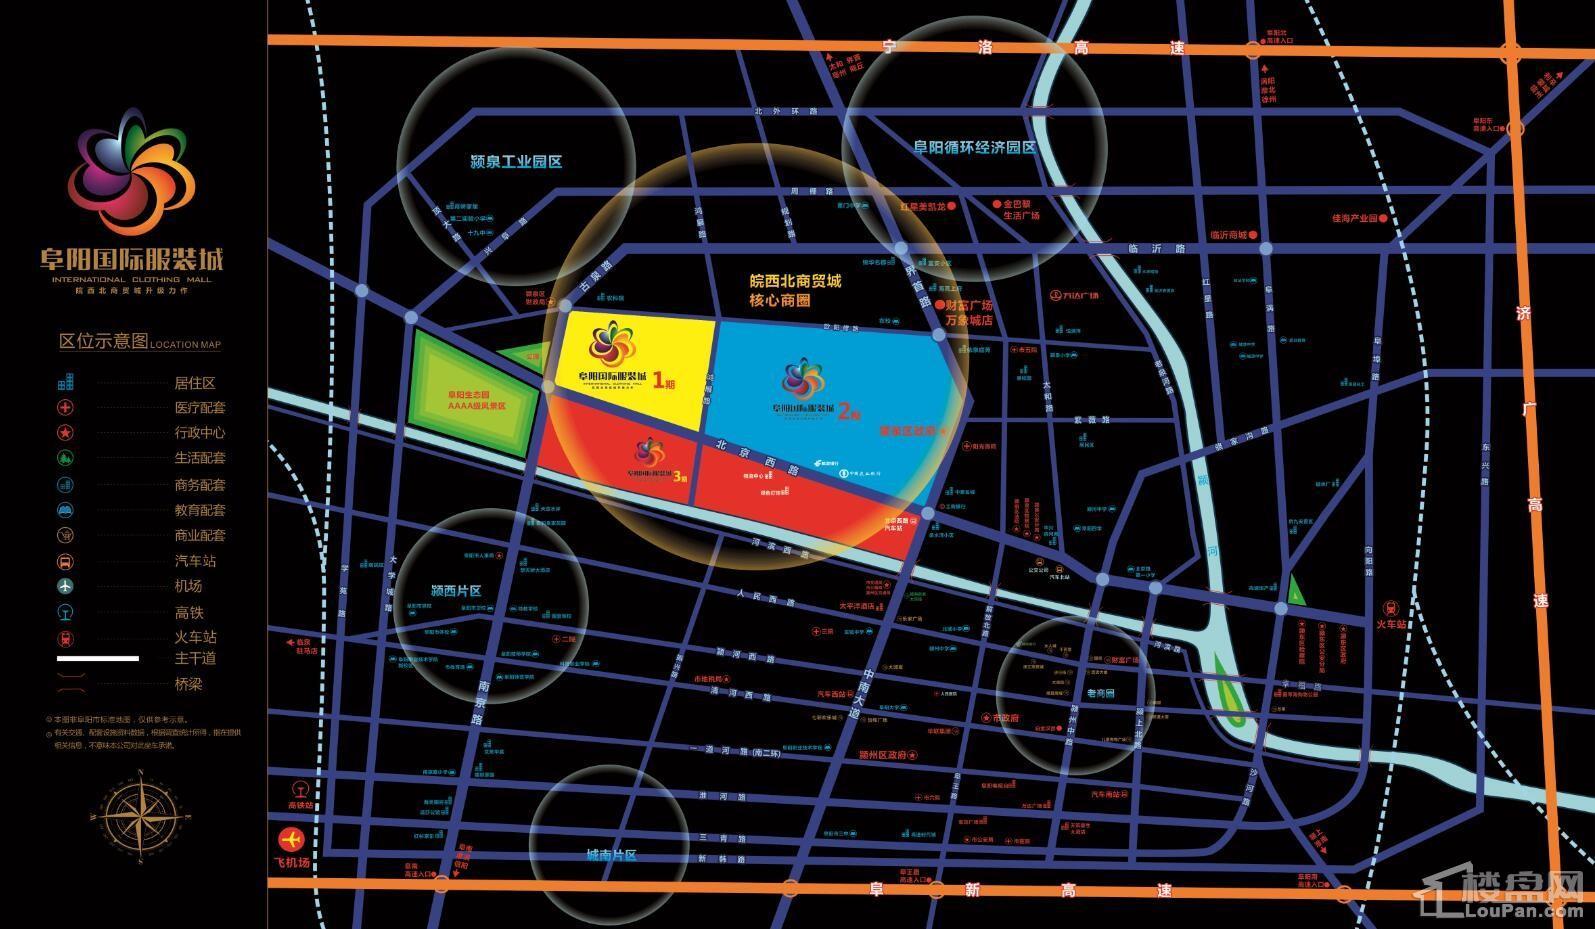 阜阳国际服装城 区位图